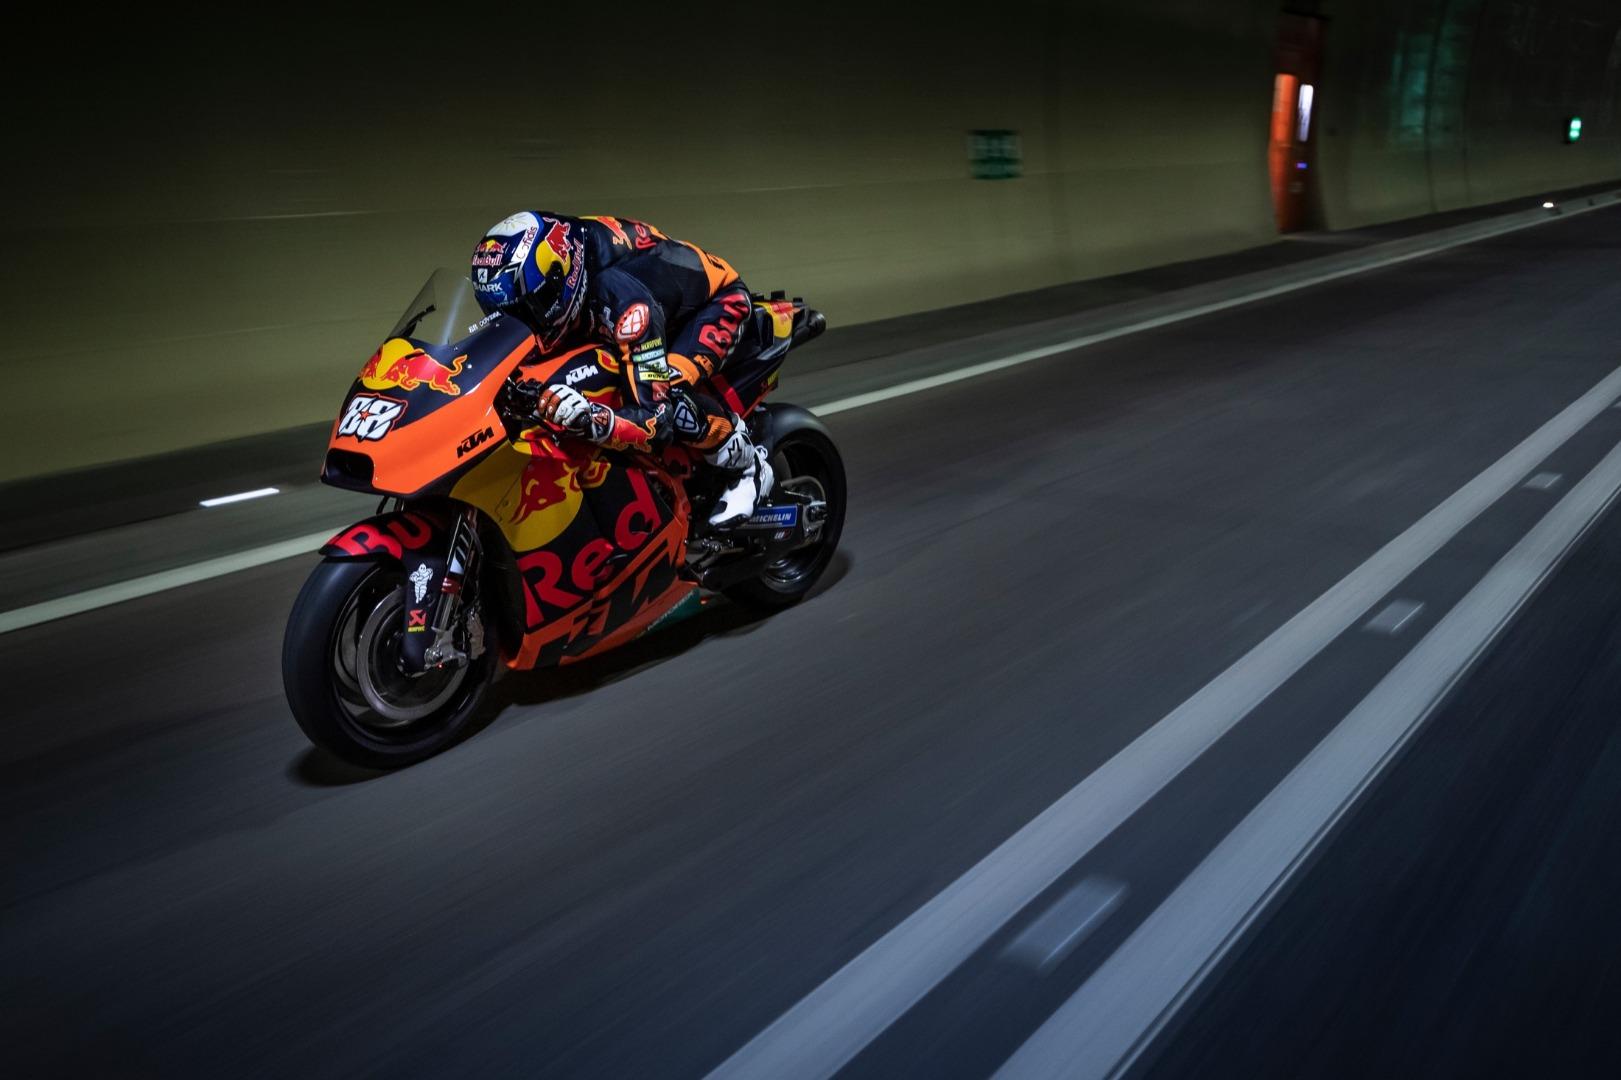 KTM RC16 y Miguel Oliveira en el túnel de Gleinalm